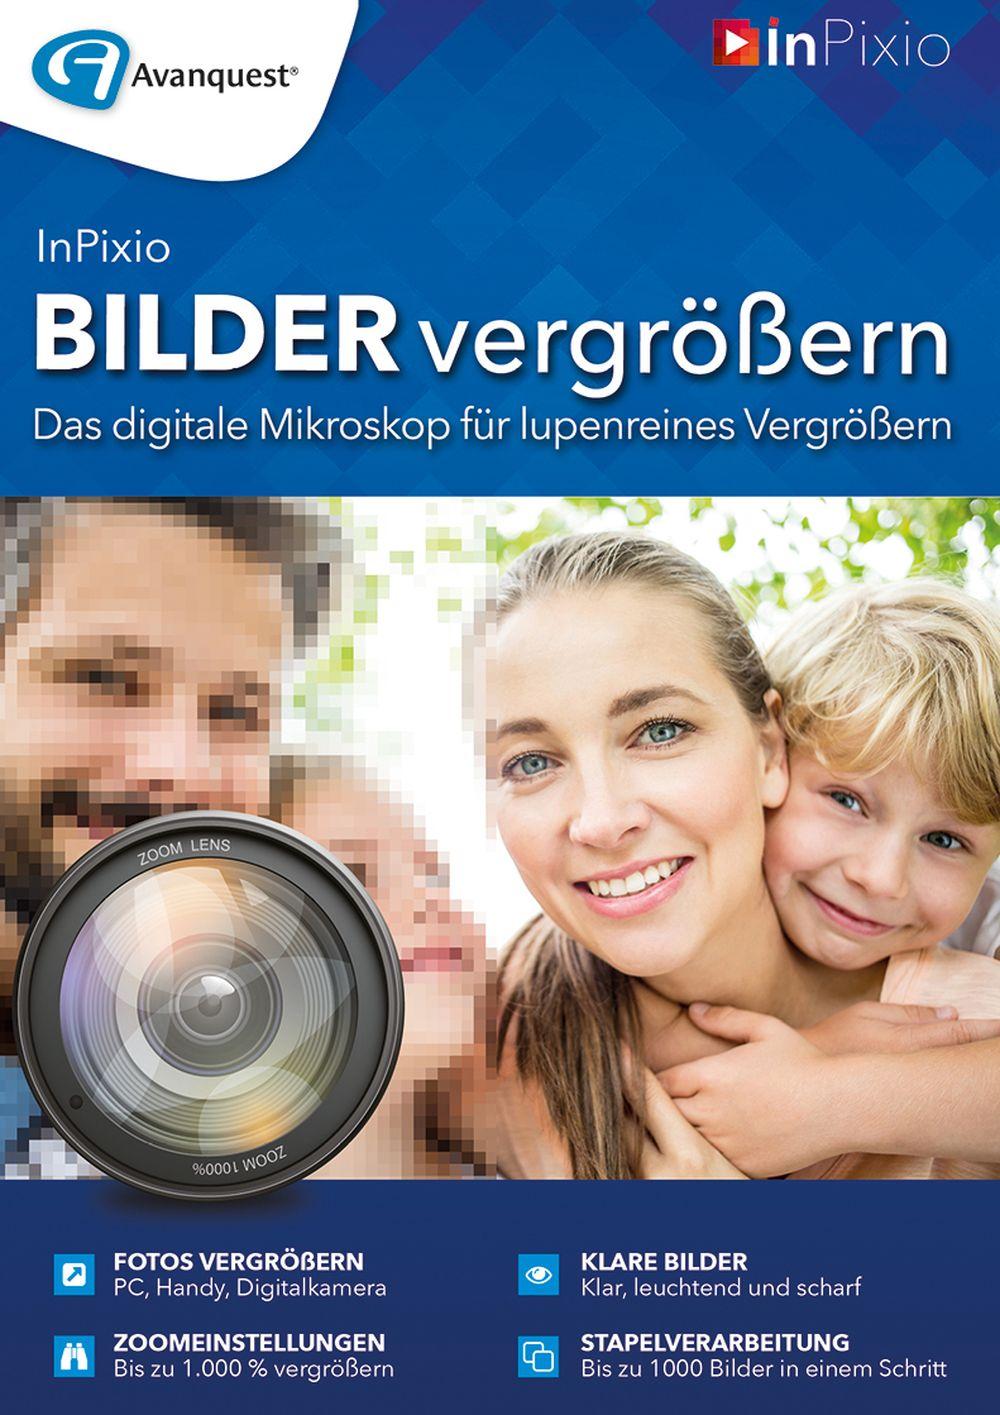 Bilder vergrößern - Das digitale Mikroskop für lupenreines Vergrößern! Windows 10|8|7|Vista...